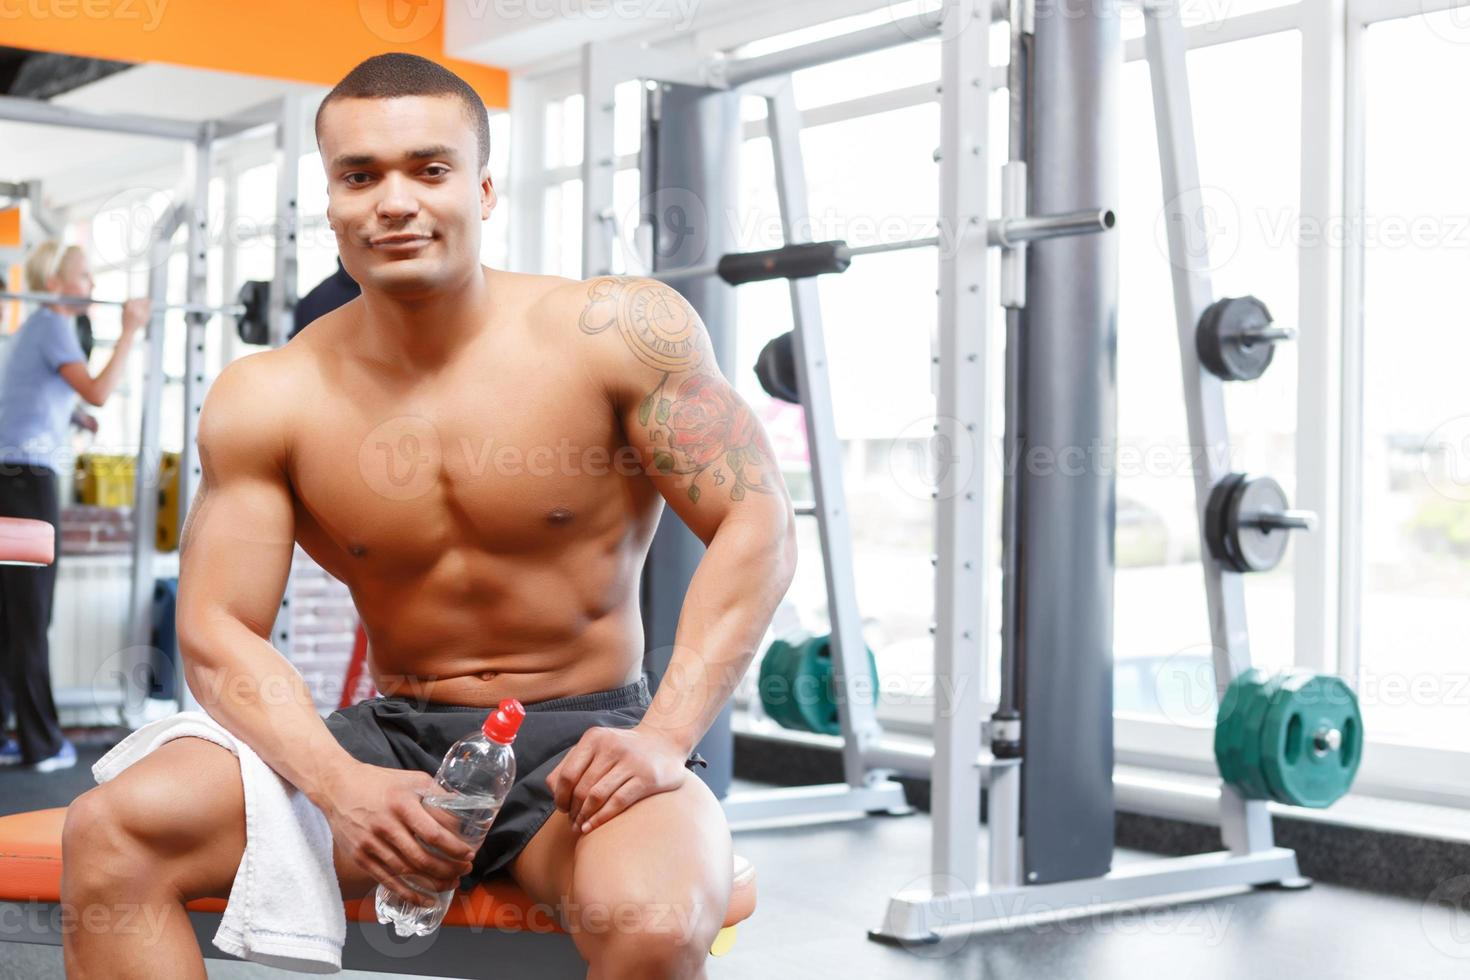 hombre sentado con una botella y una toalla en el gimnasio foto